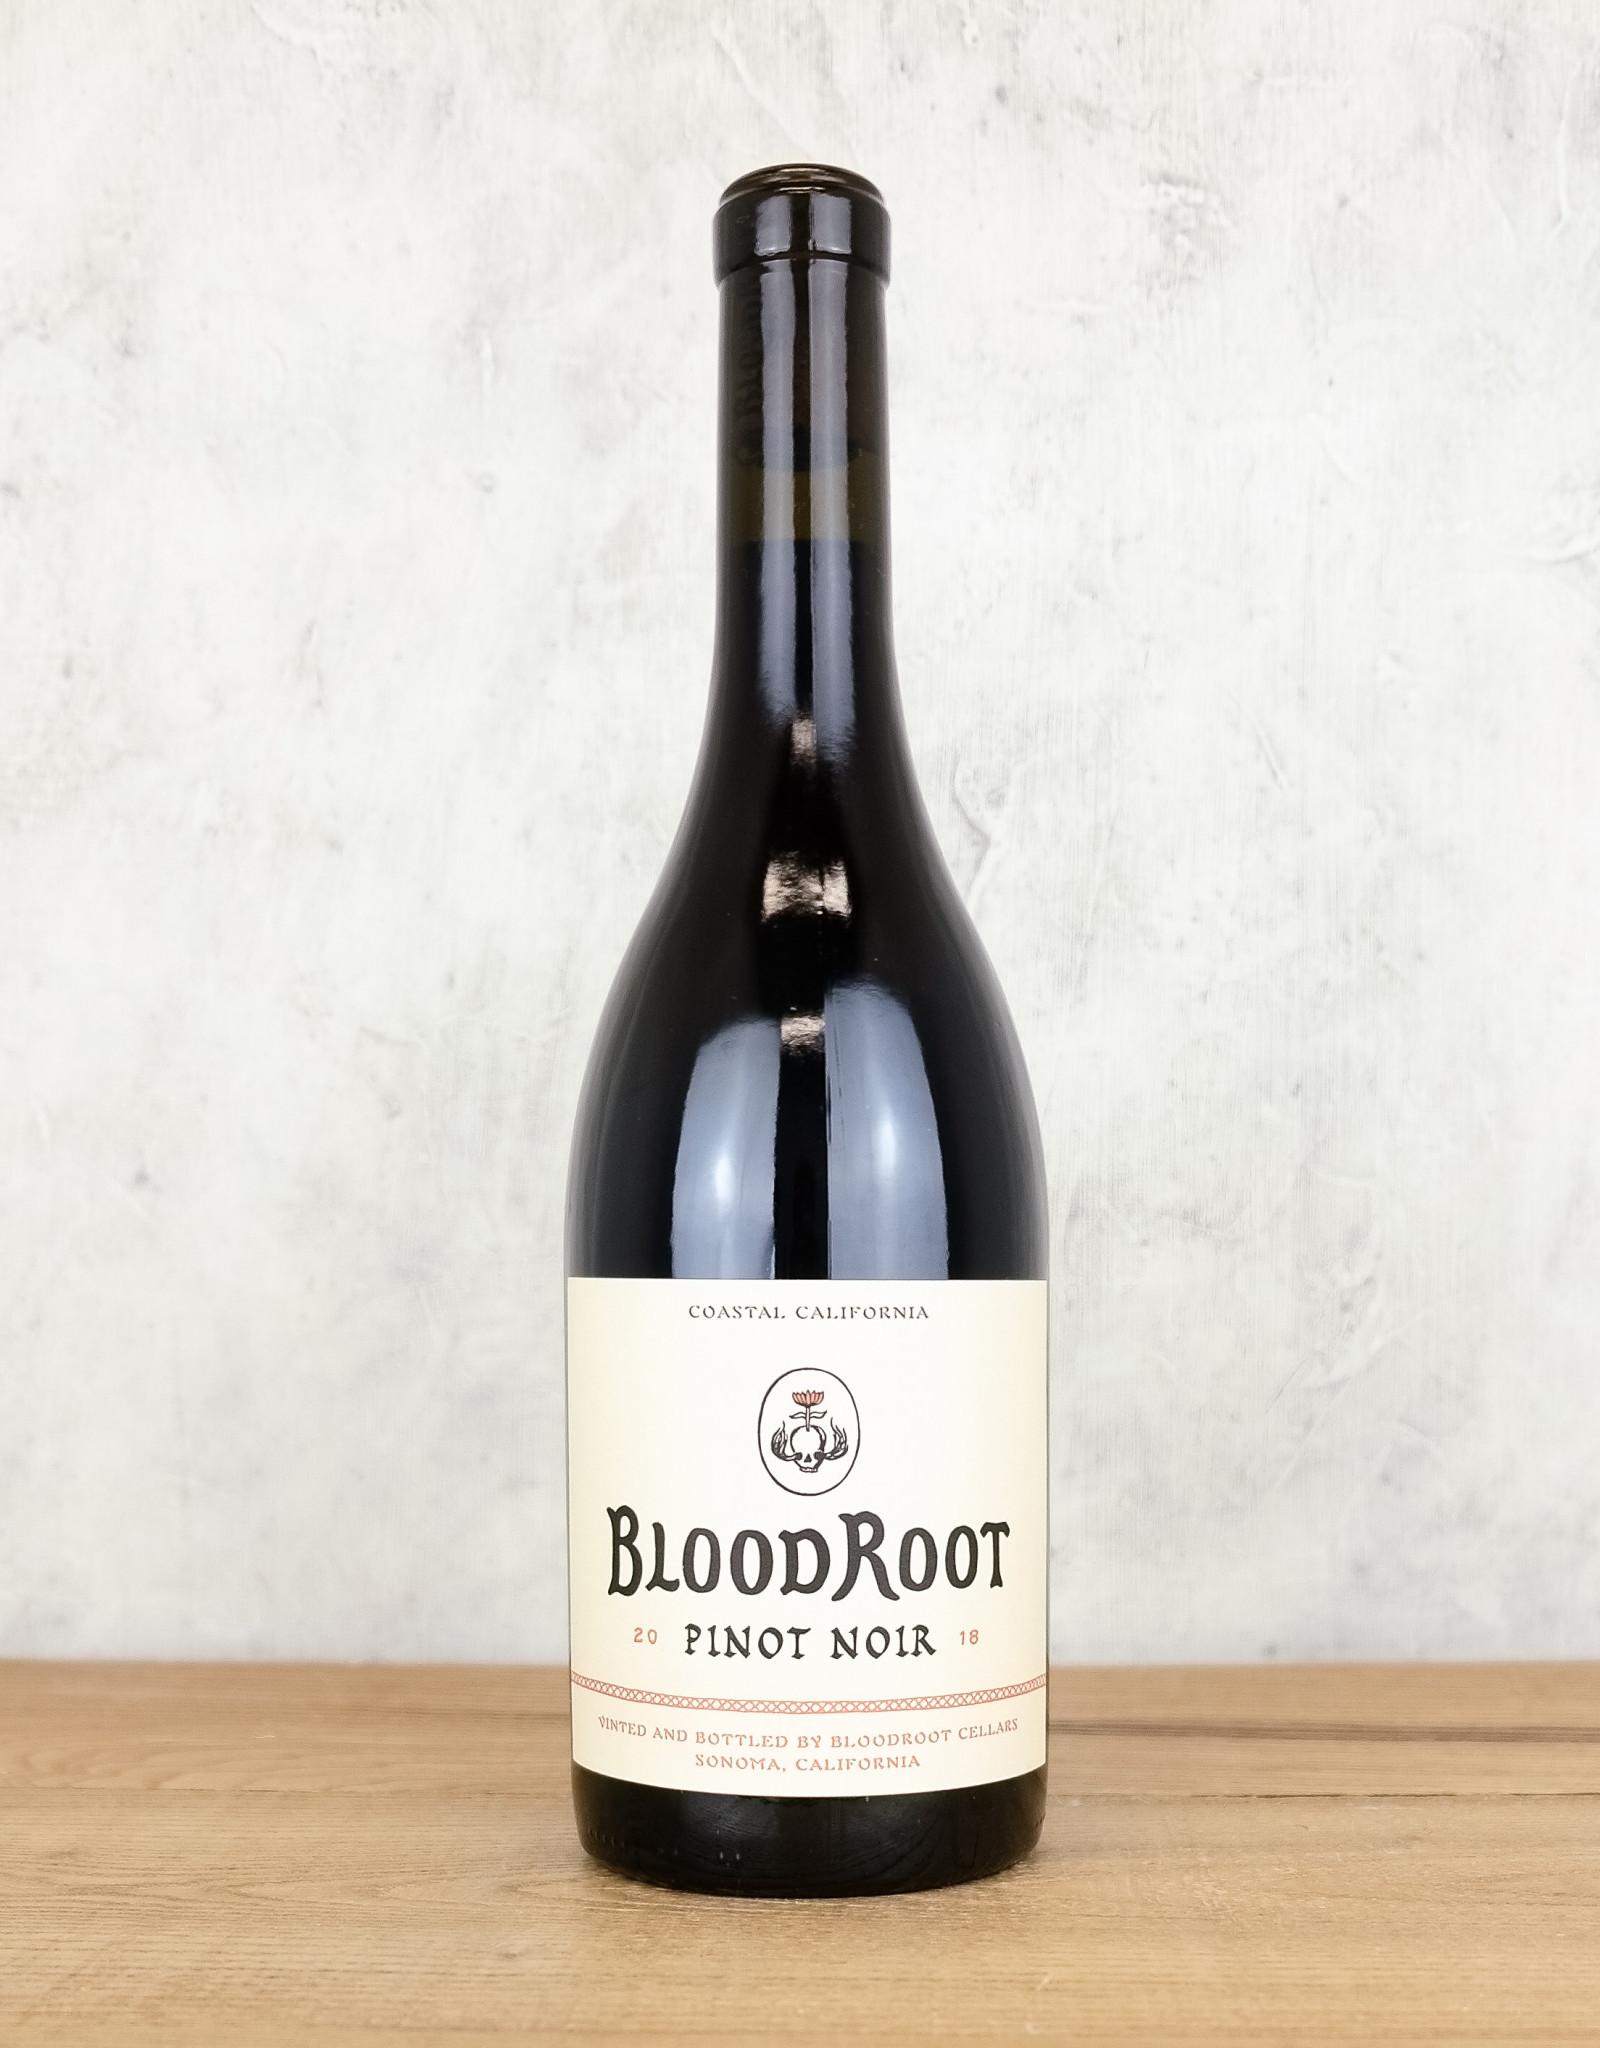 Blood Root Pinot Noir